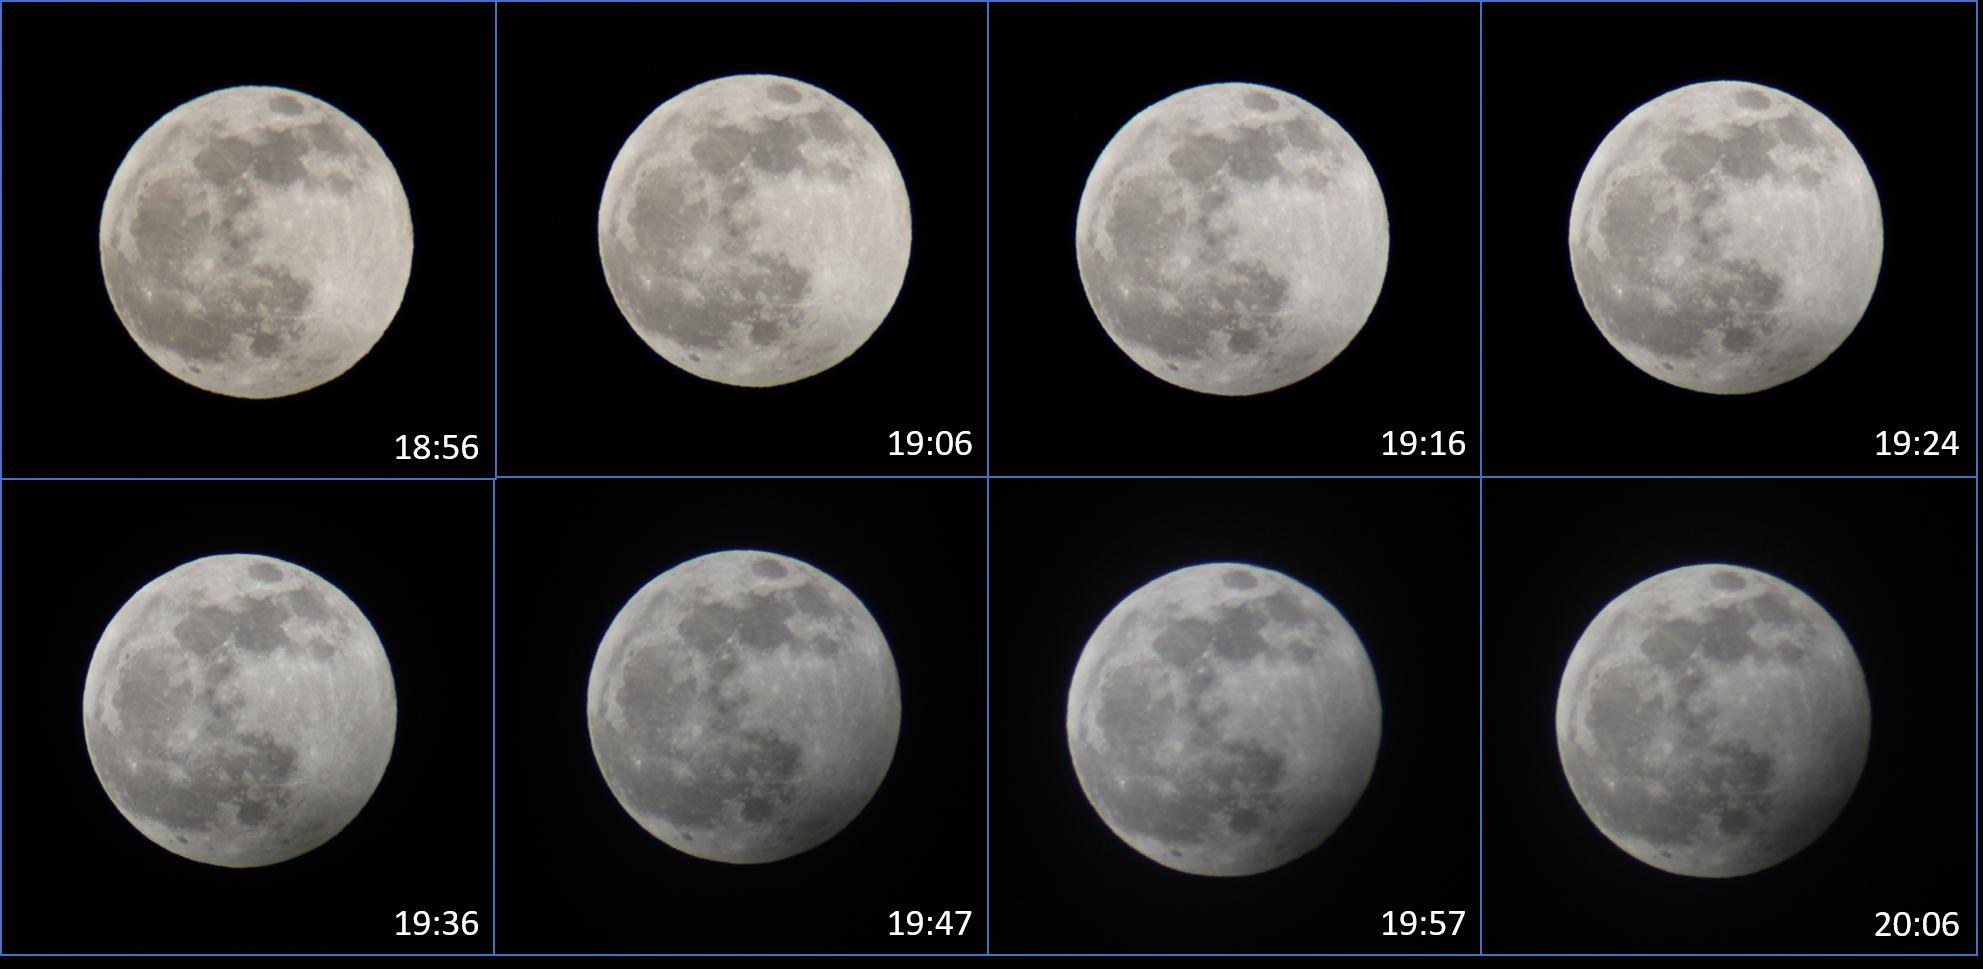 Lluna - Unai Canudas